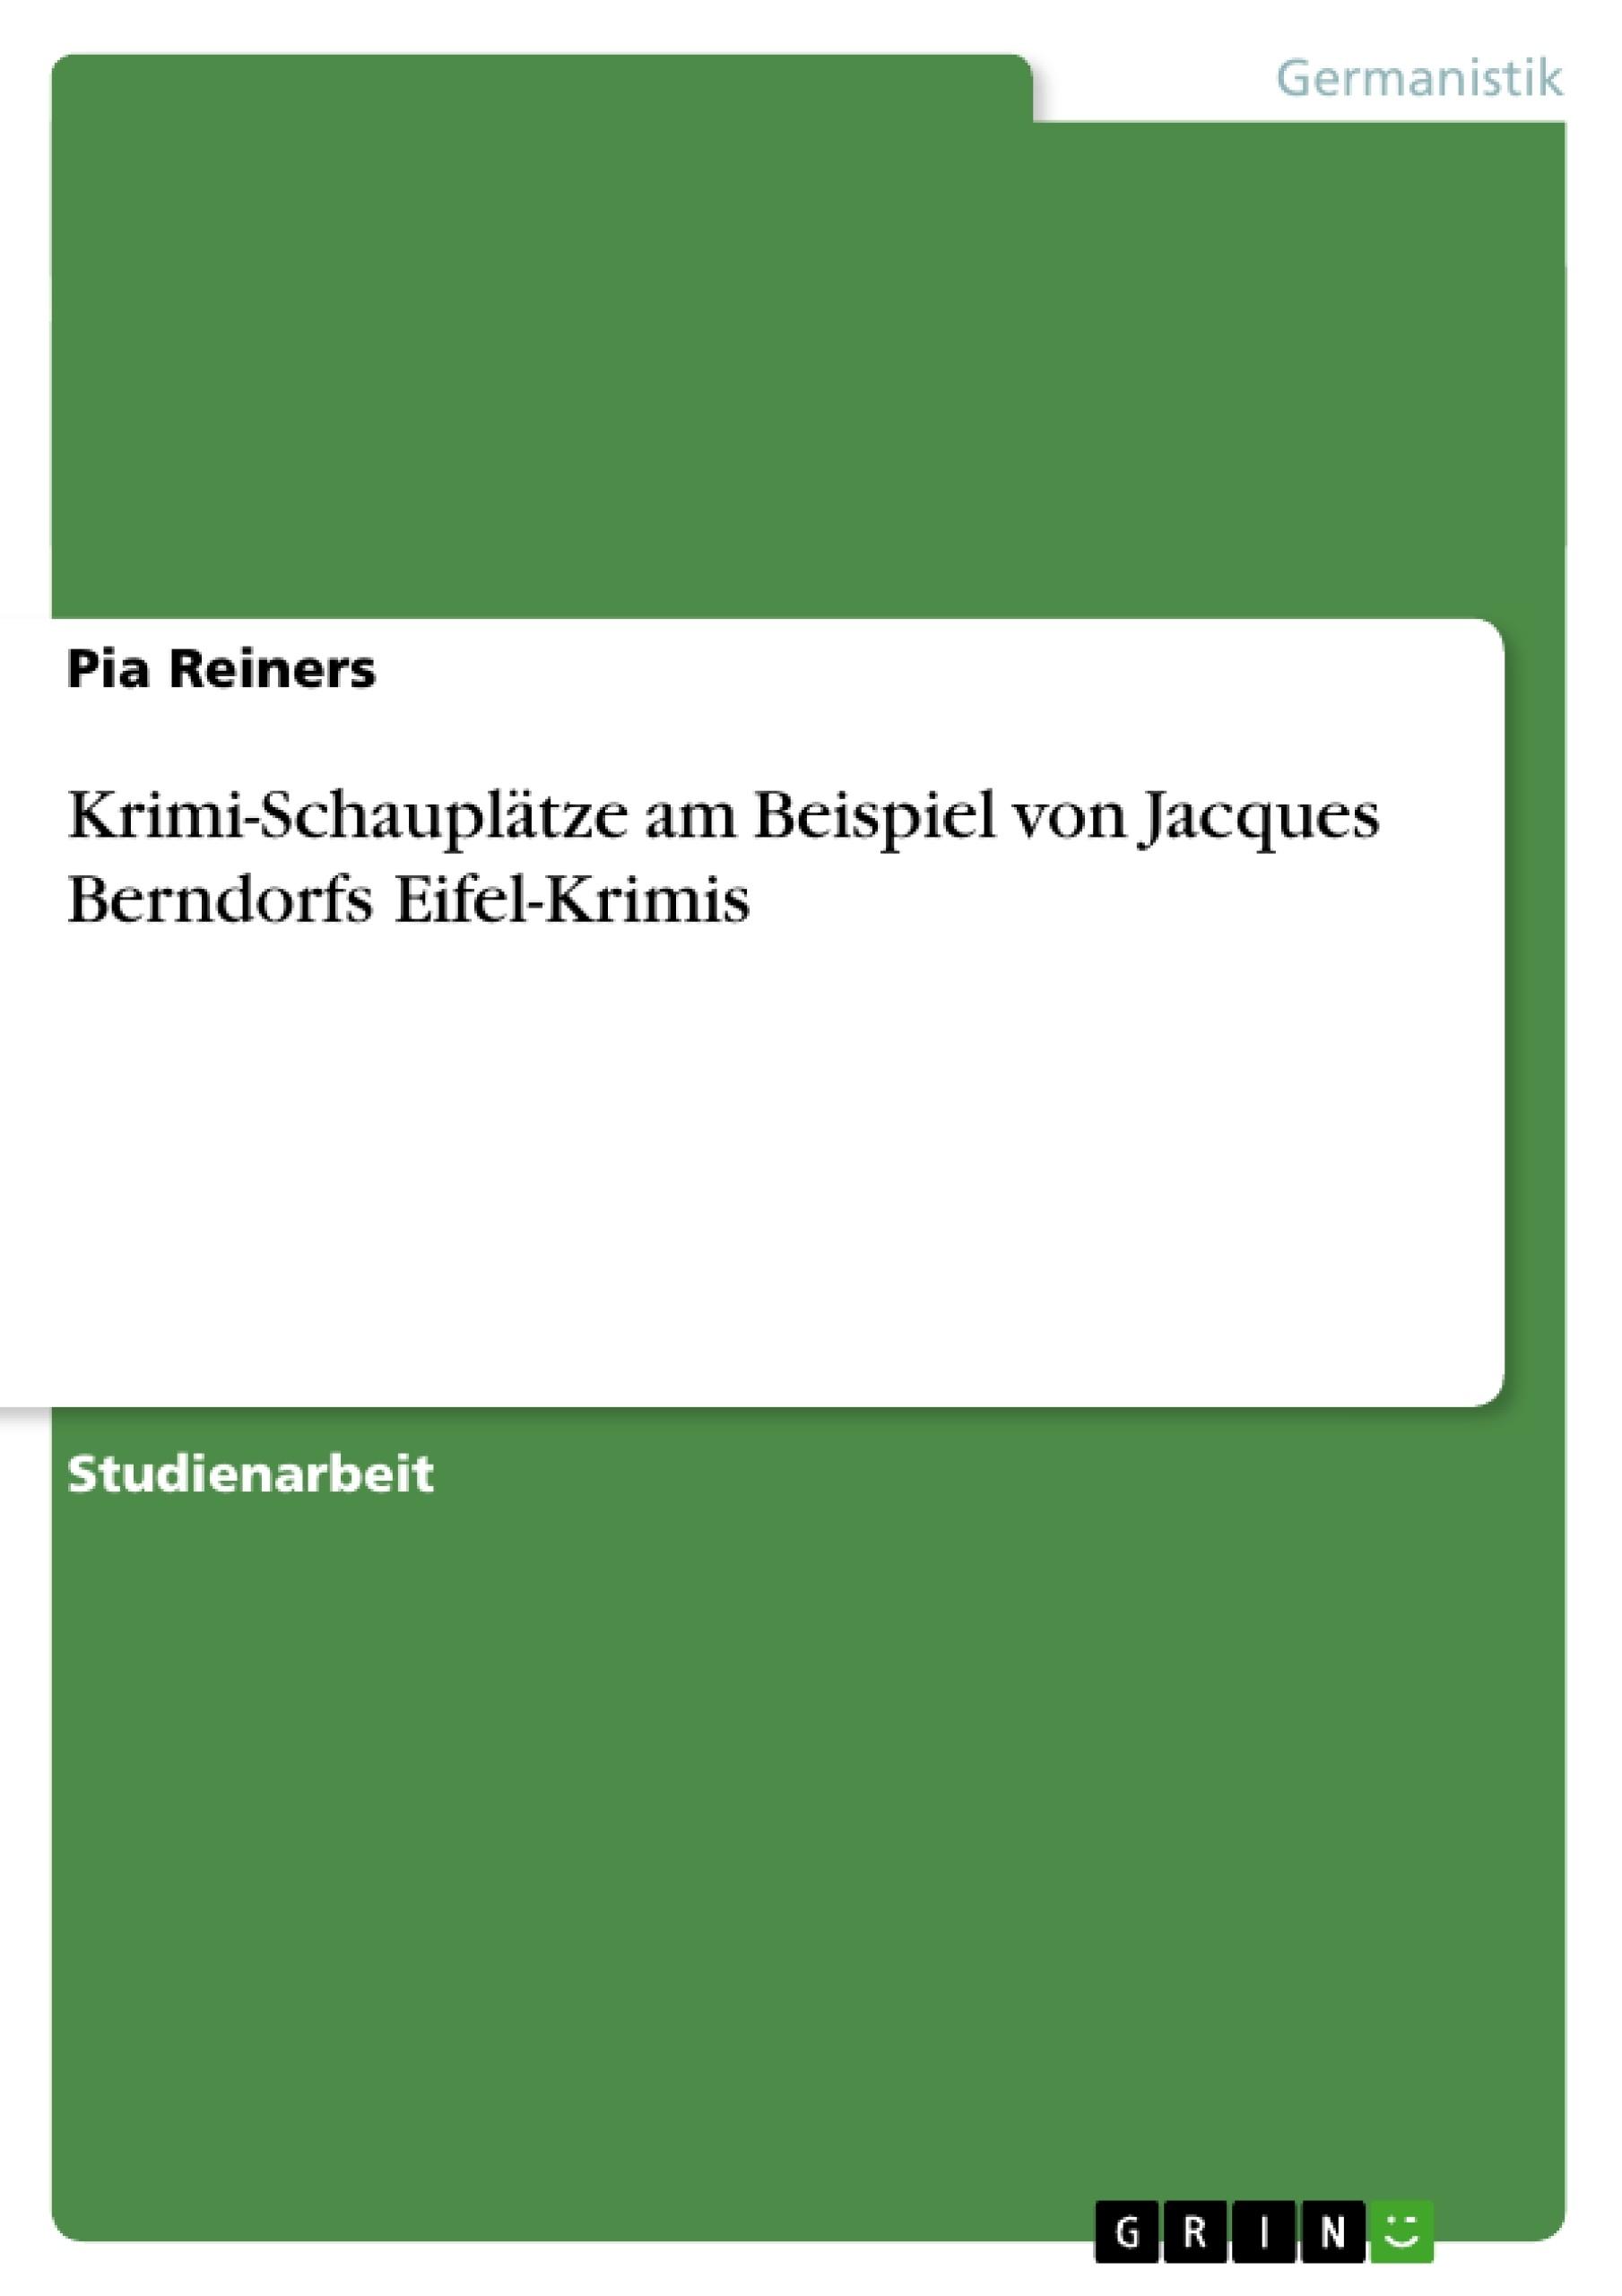 Titel: Krimi-Schauplätze am Beispiel von Jacques Berndorfs Eifel-Krimis